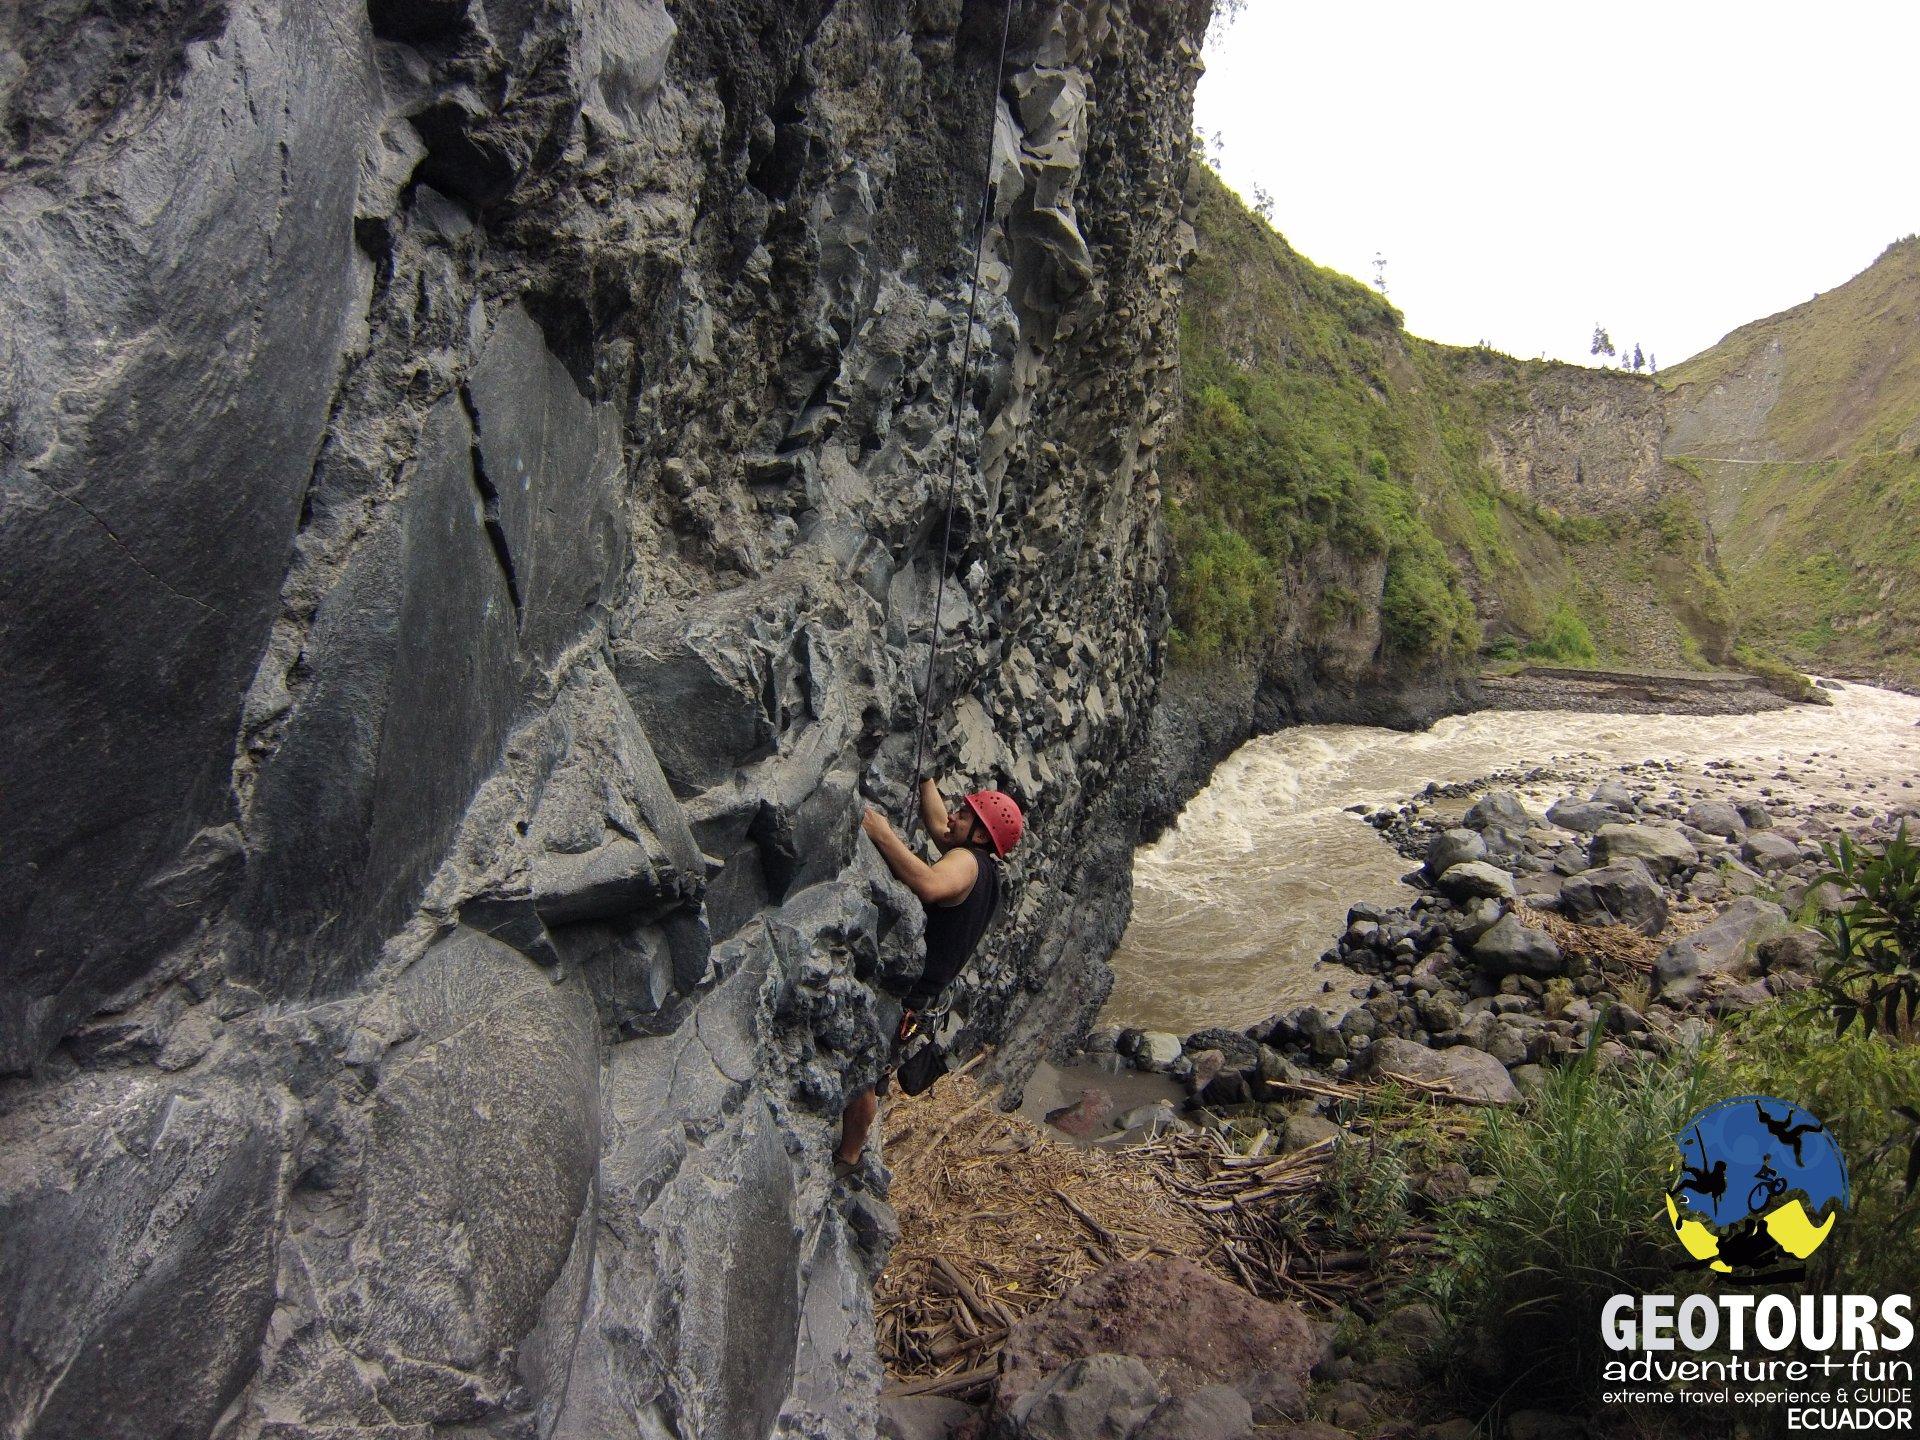 Rock Climbing Banos Ecuador - Half Day Tour